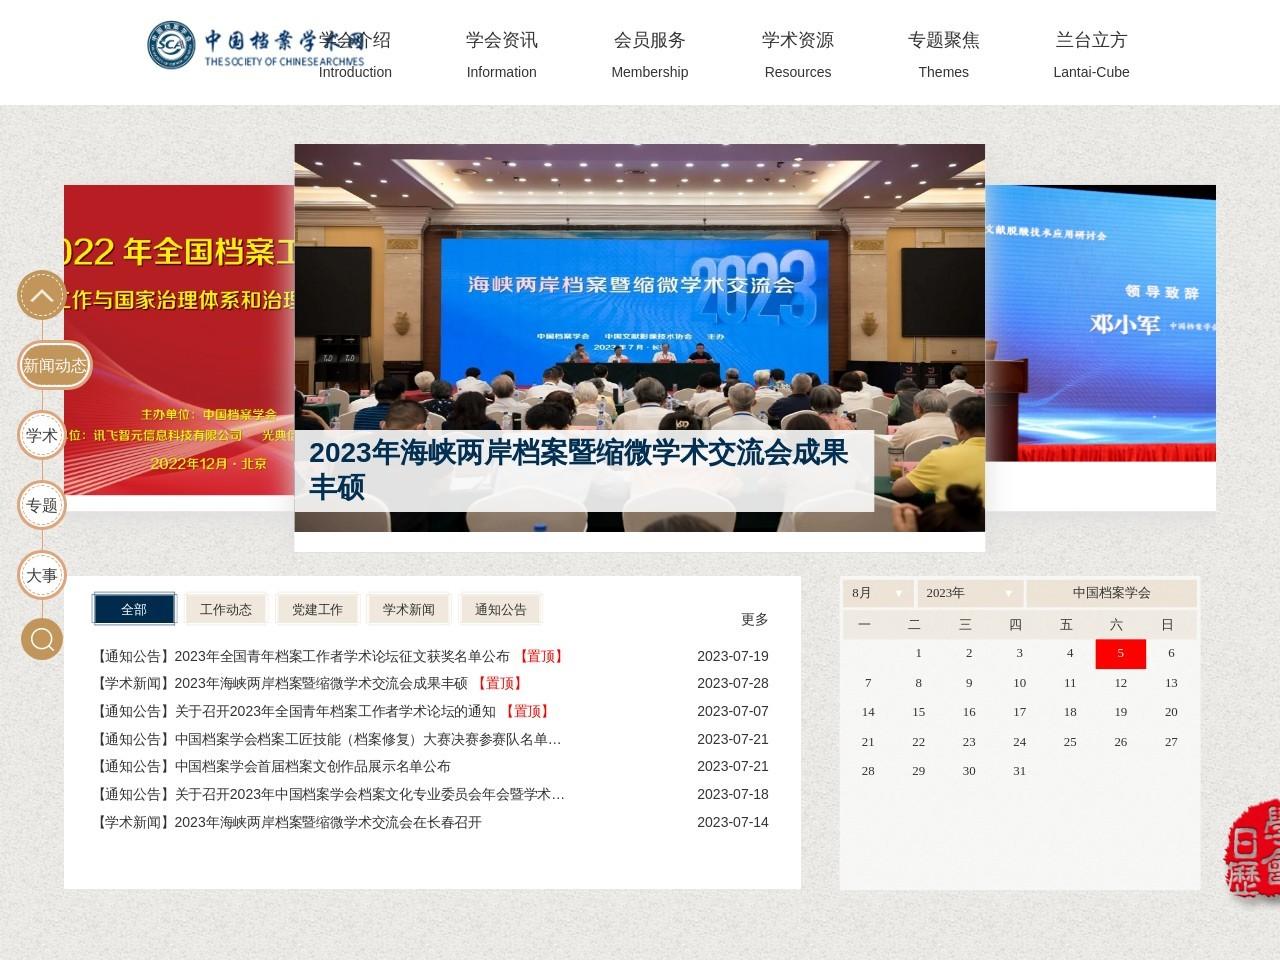 中国档案学术网